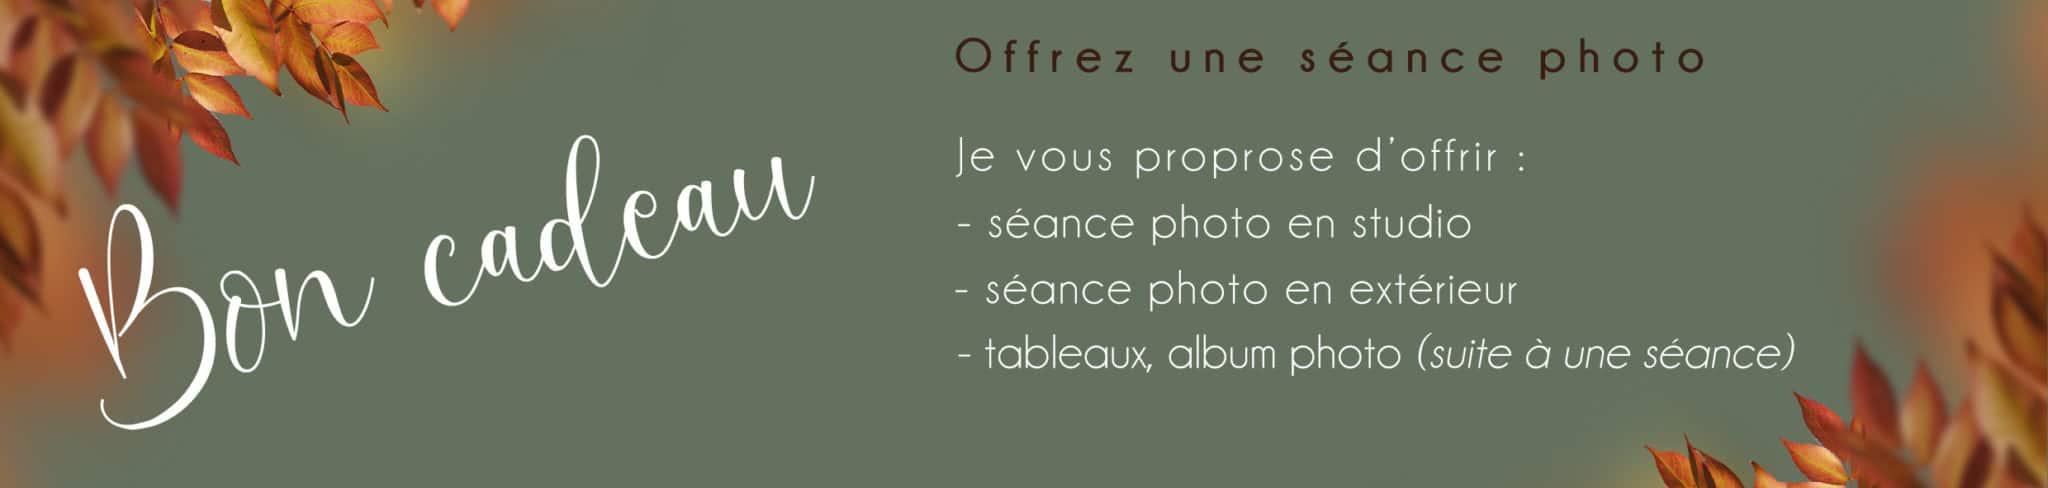 offrir une séance photo : bon cadeau - clover photographies